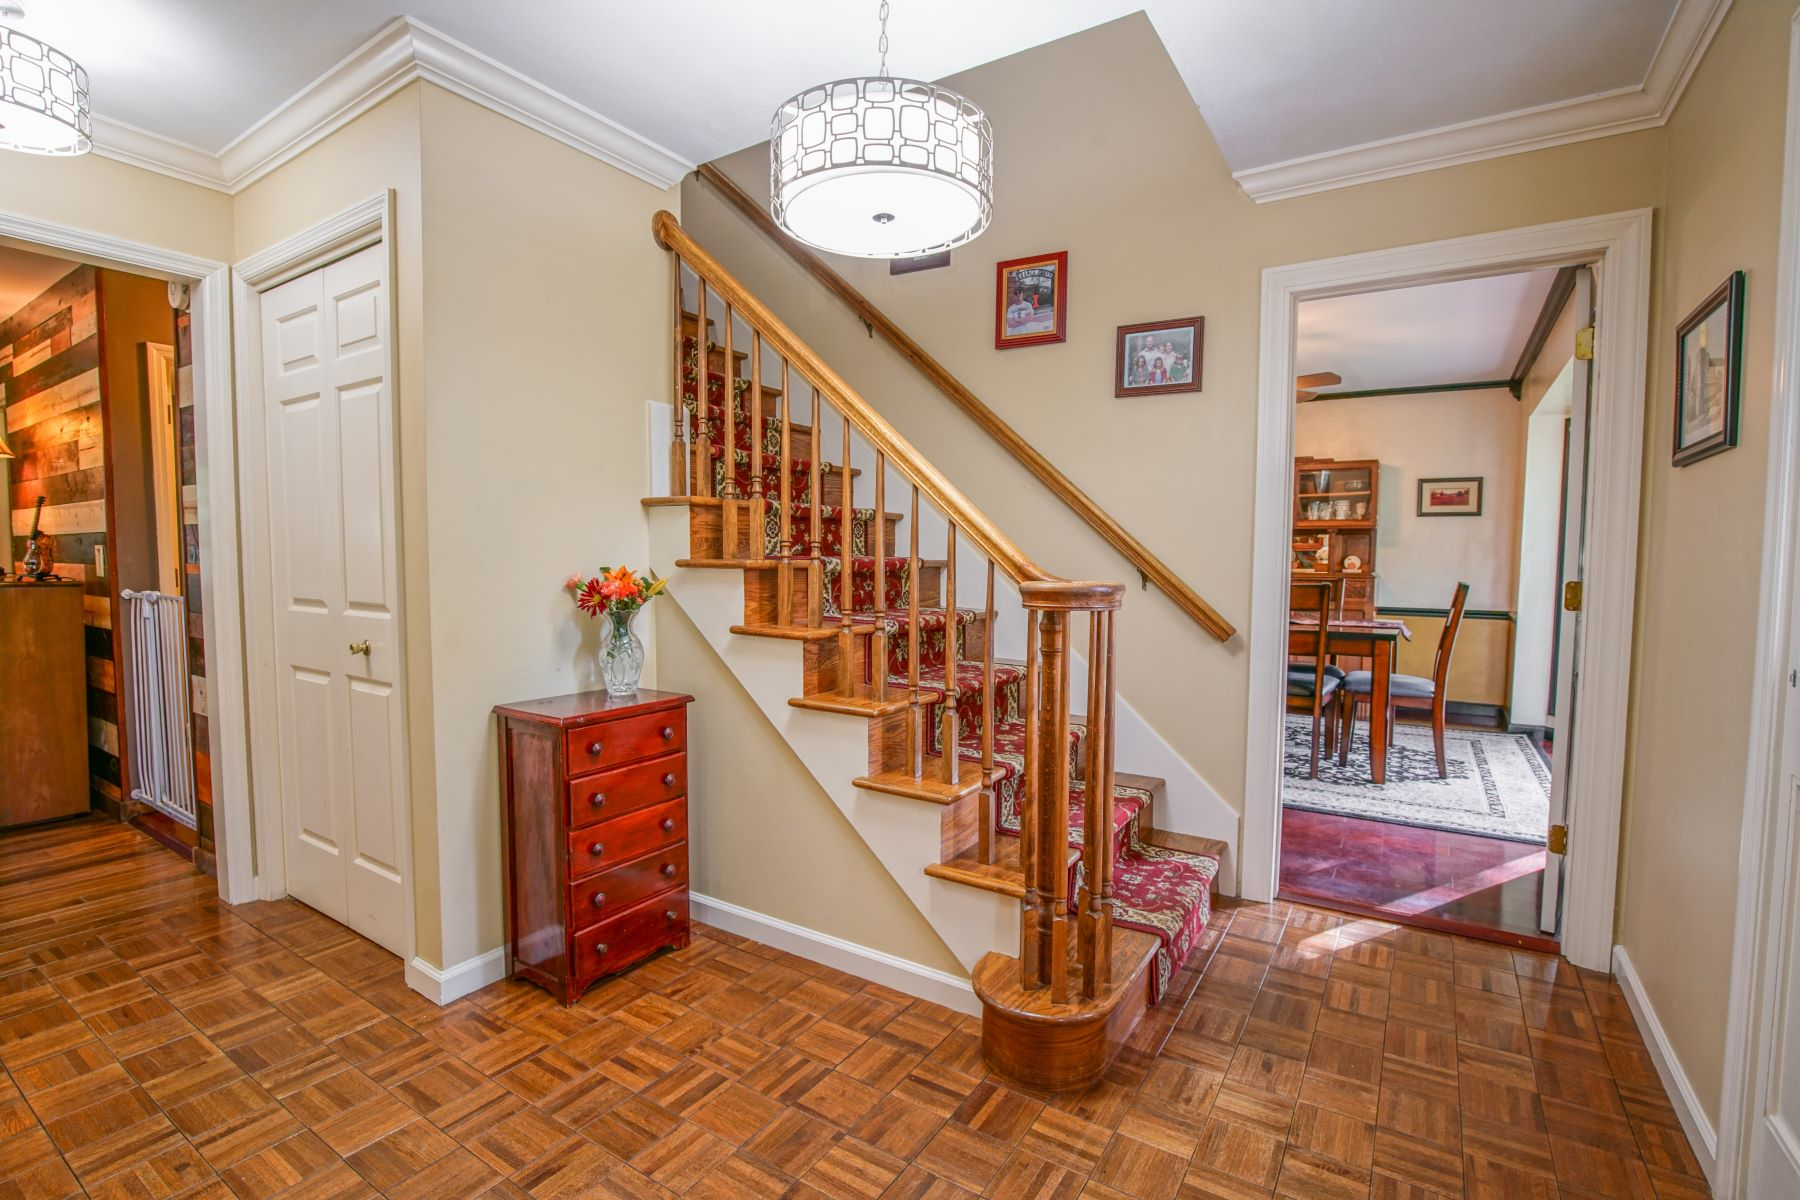 Property for Sale at Kirkwood Charmer 1465 Frances Road Kirkwood, Missouri 63122 United States